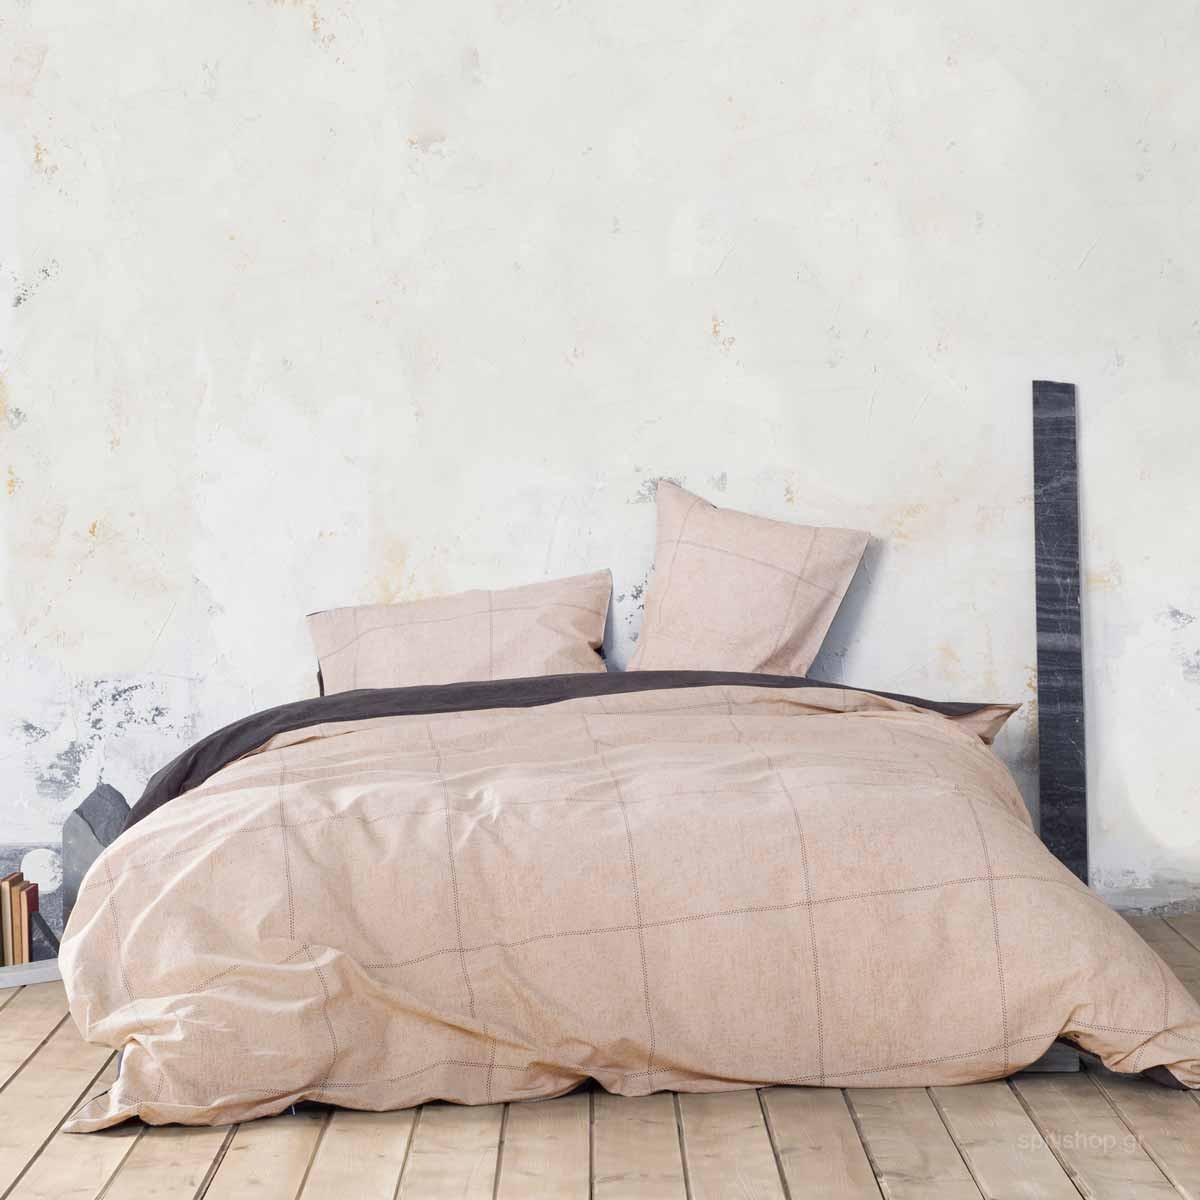 Πάπλωμα Μονό Nima Bed Linen Tailor Beige